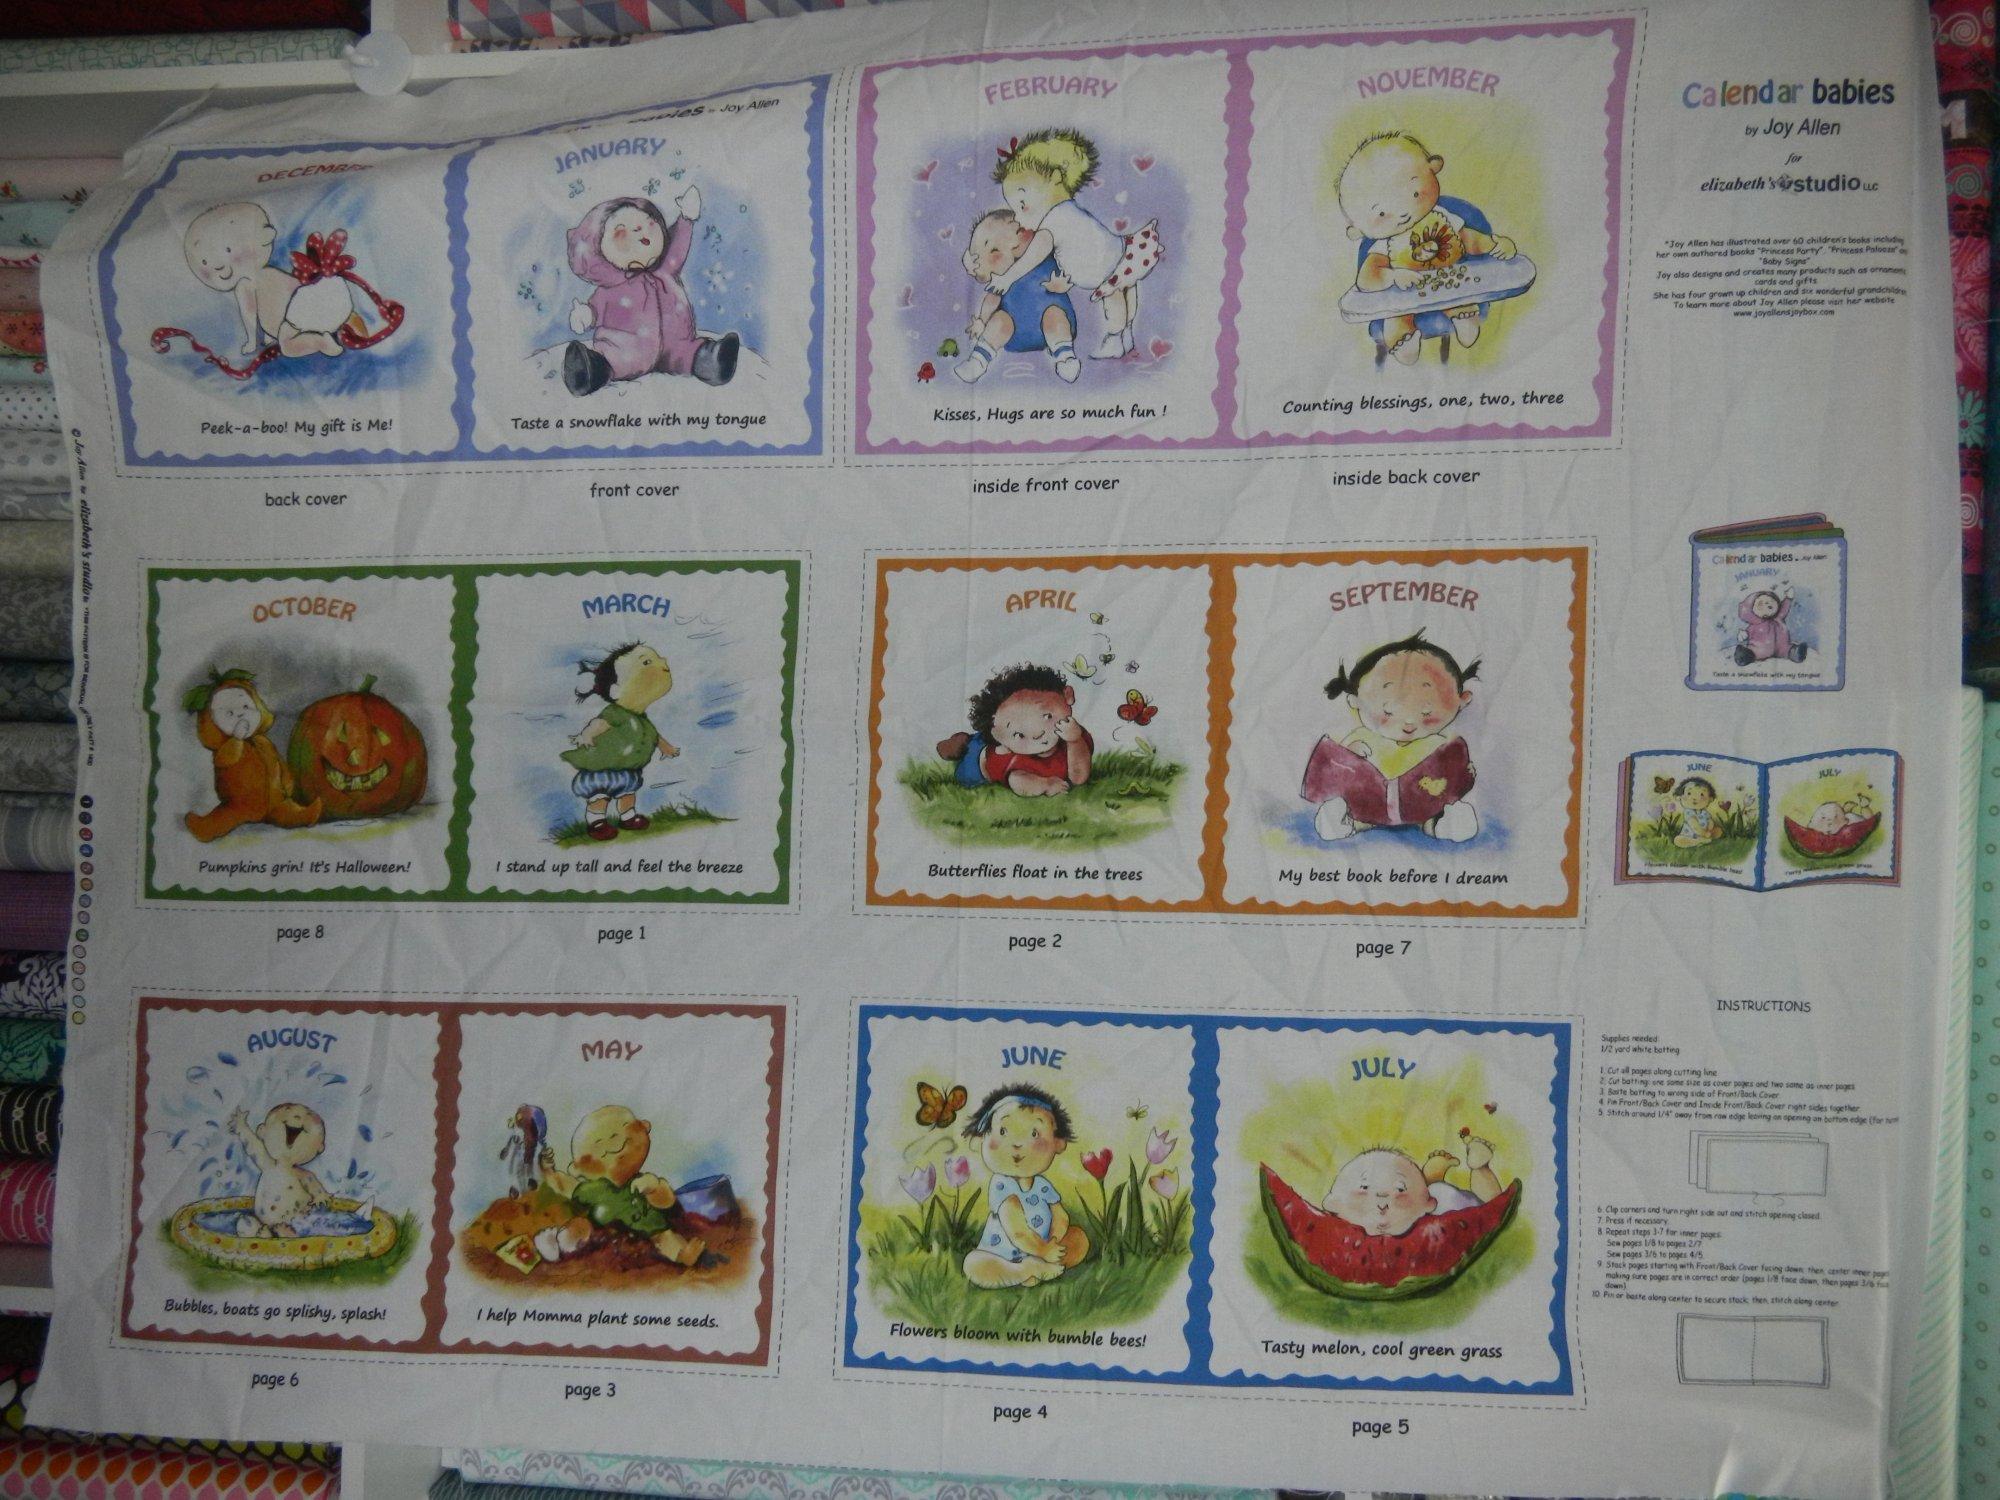 Panel#243 - Calandar babies  - book panel